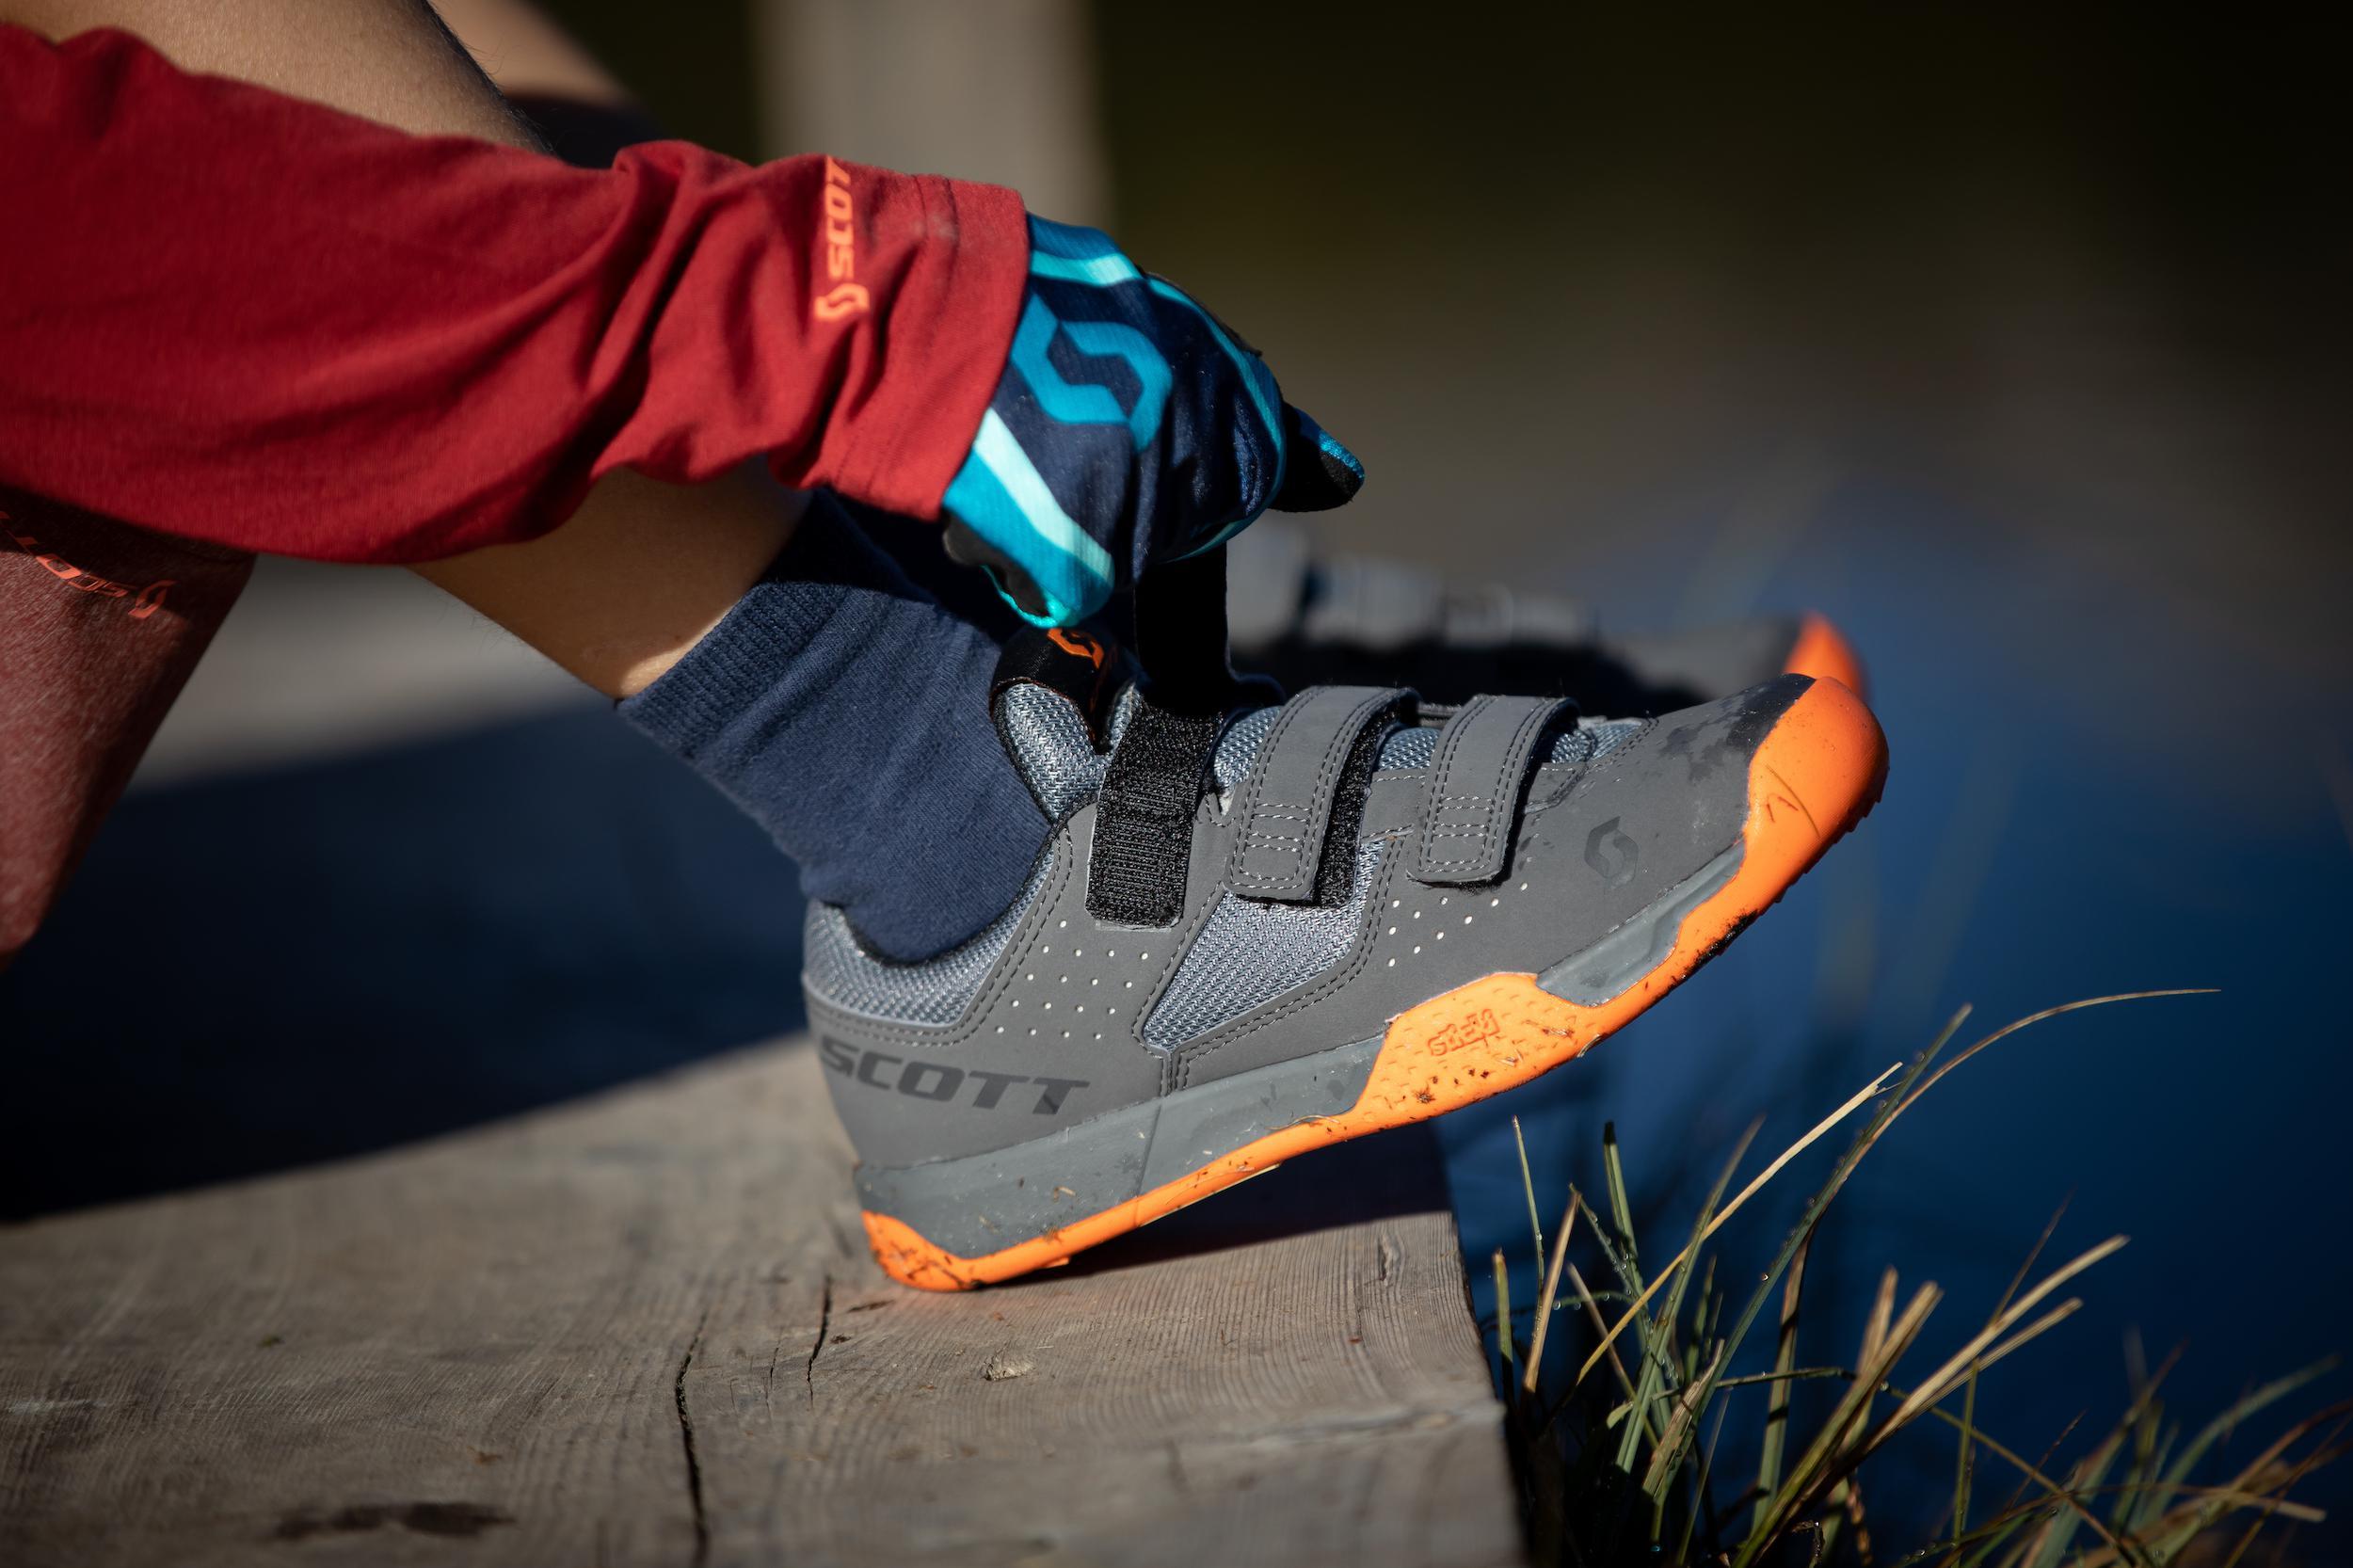 Eine komfortable Passform in Kombination mit robustem und reißfestem Obermaterial sowie der Sticki Rubber Laufsohle sind wie gemacht für kleine Füße.